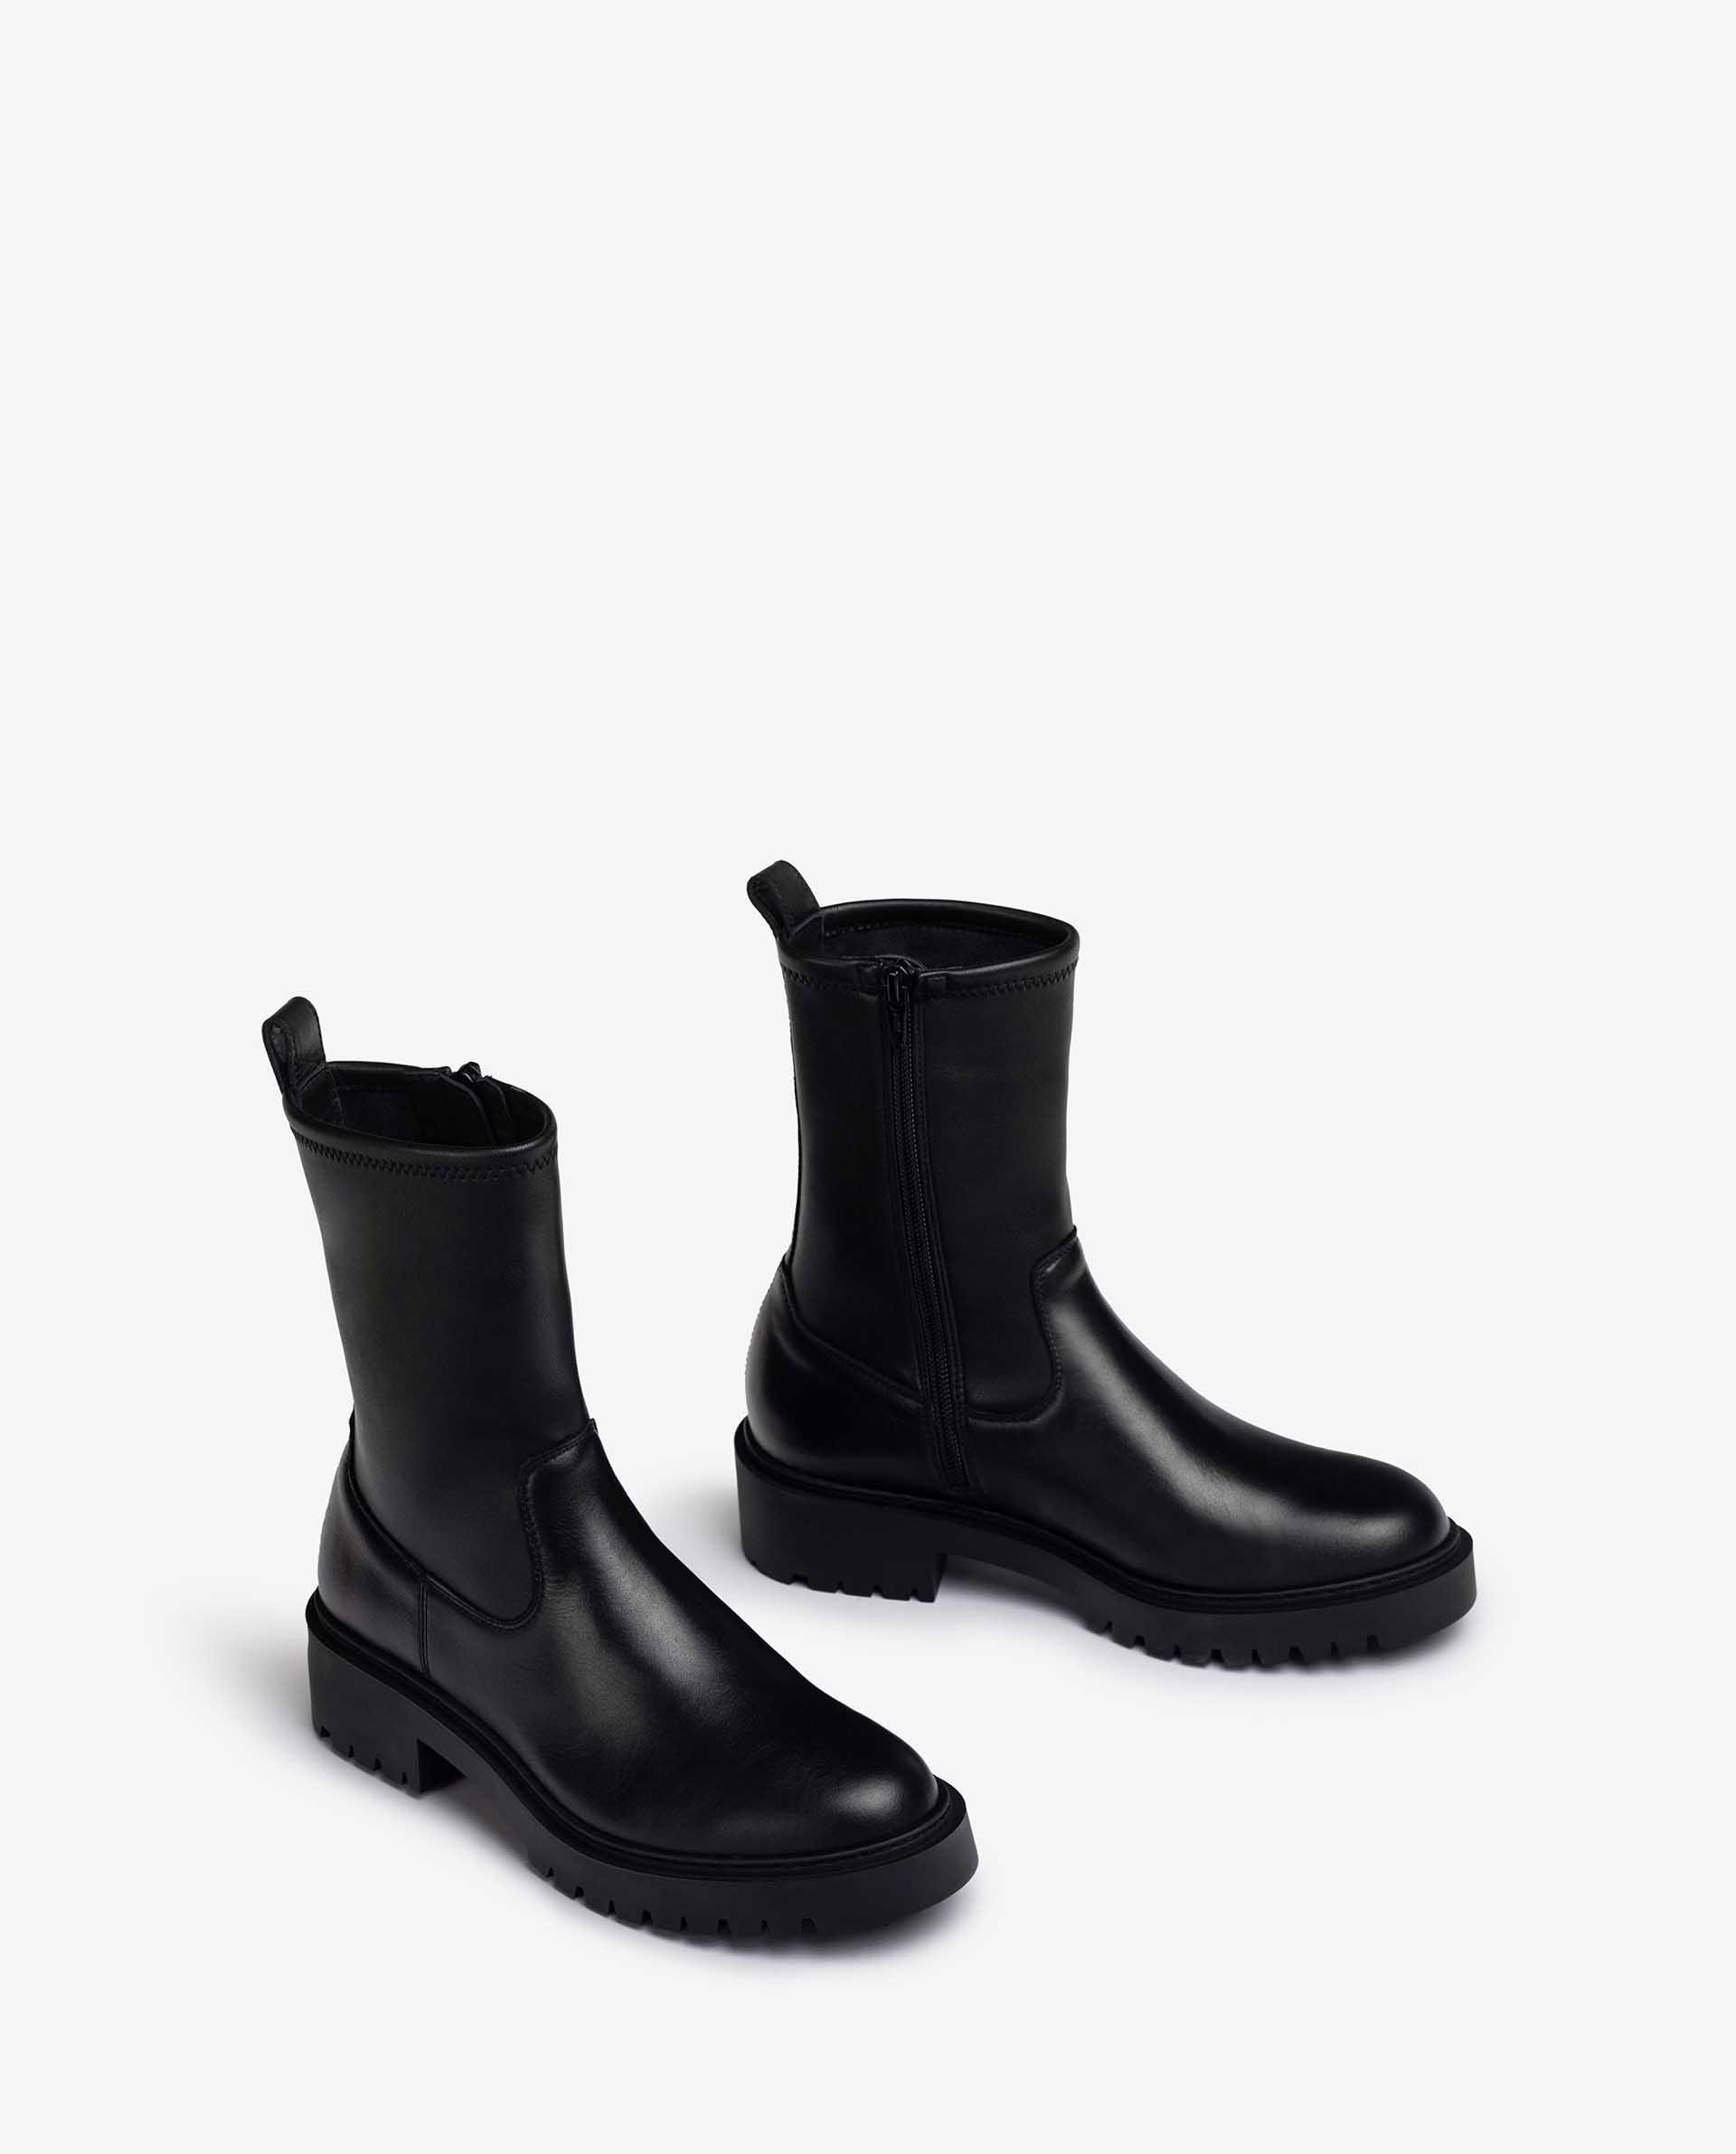 Unisa Zapatos de Mujer GUIDO_NF_STB black 2